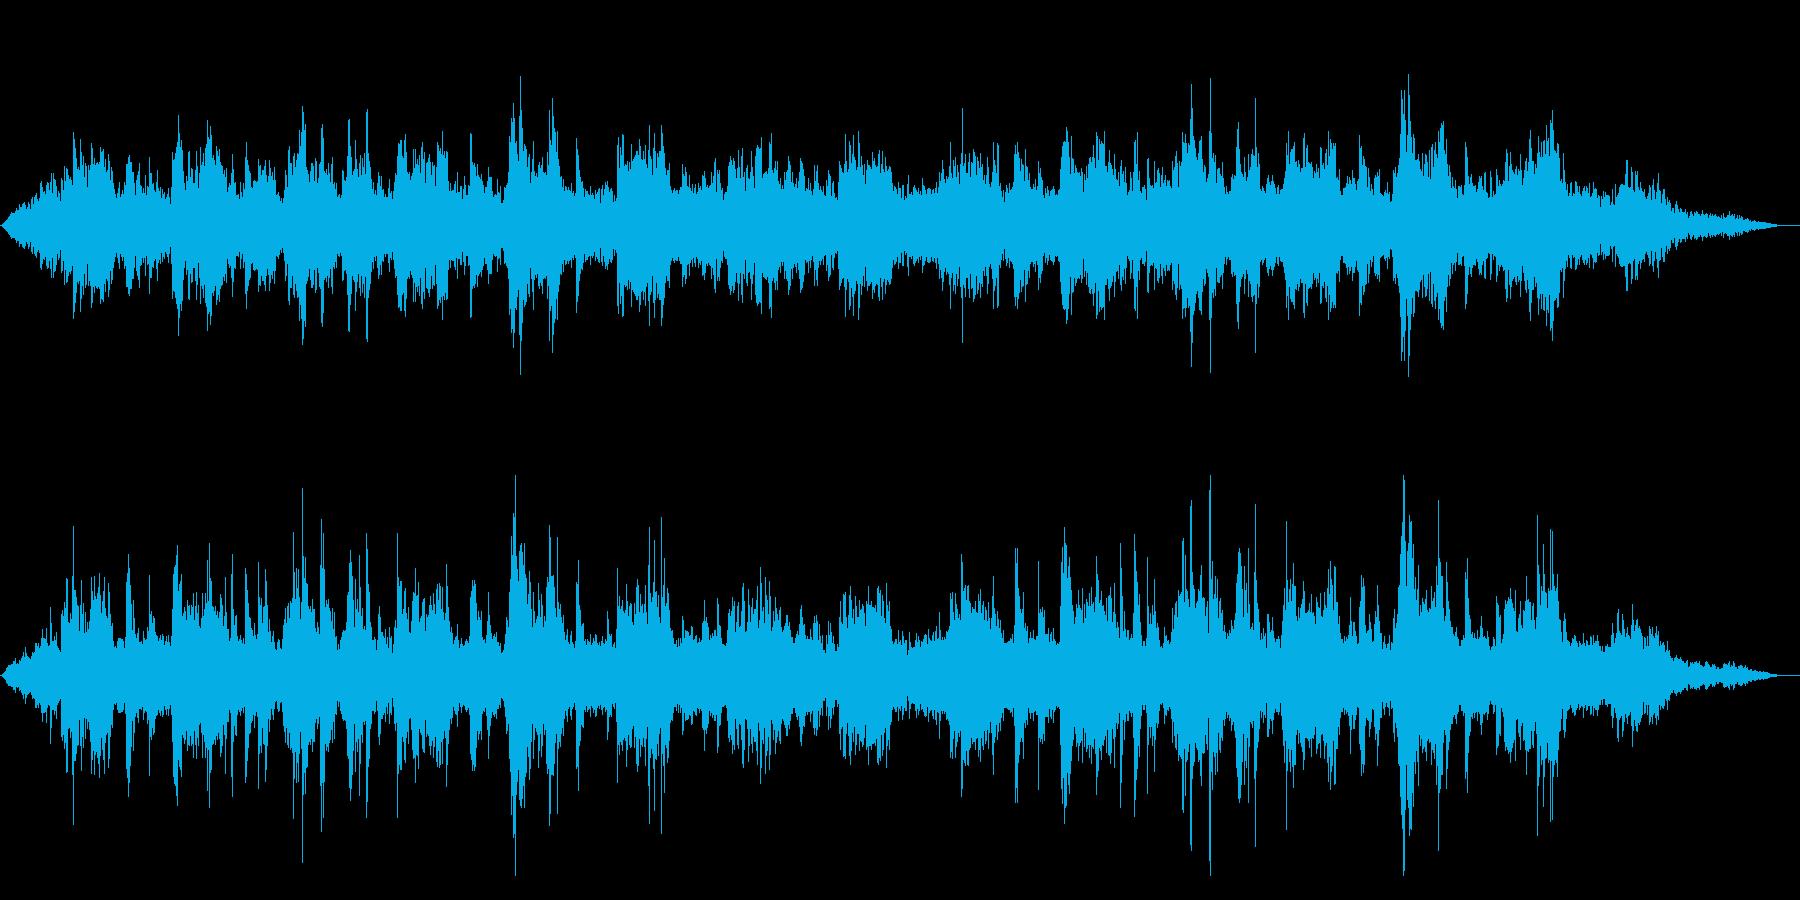 朝焼けの海 ヒーリングミュージックの再生済みの波形